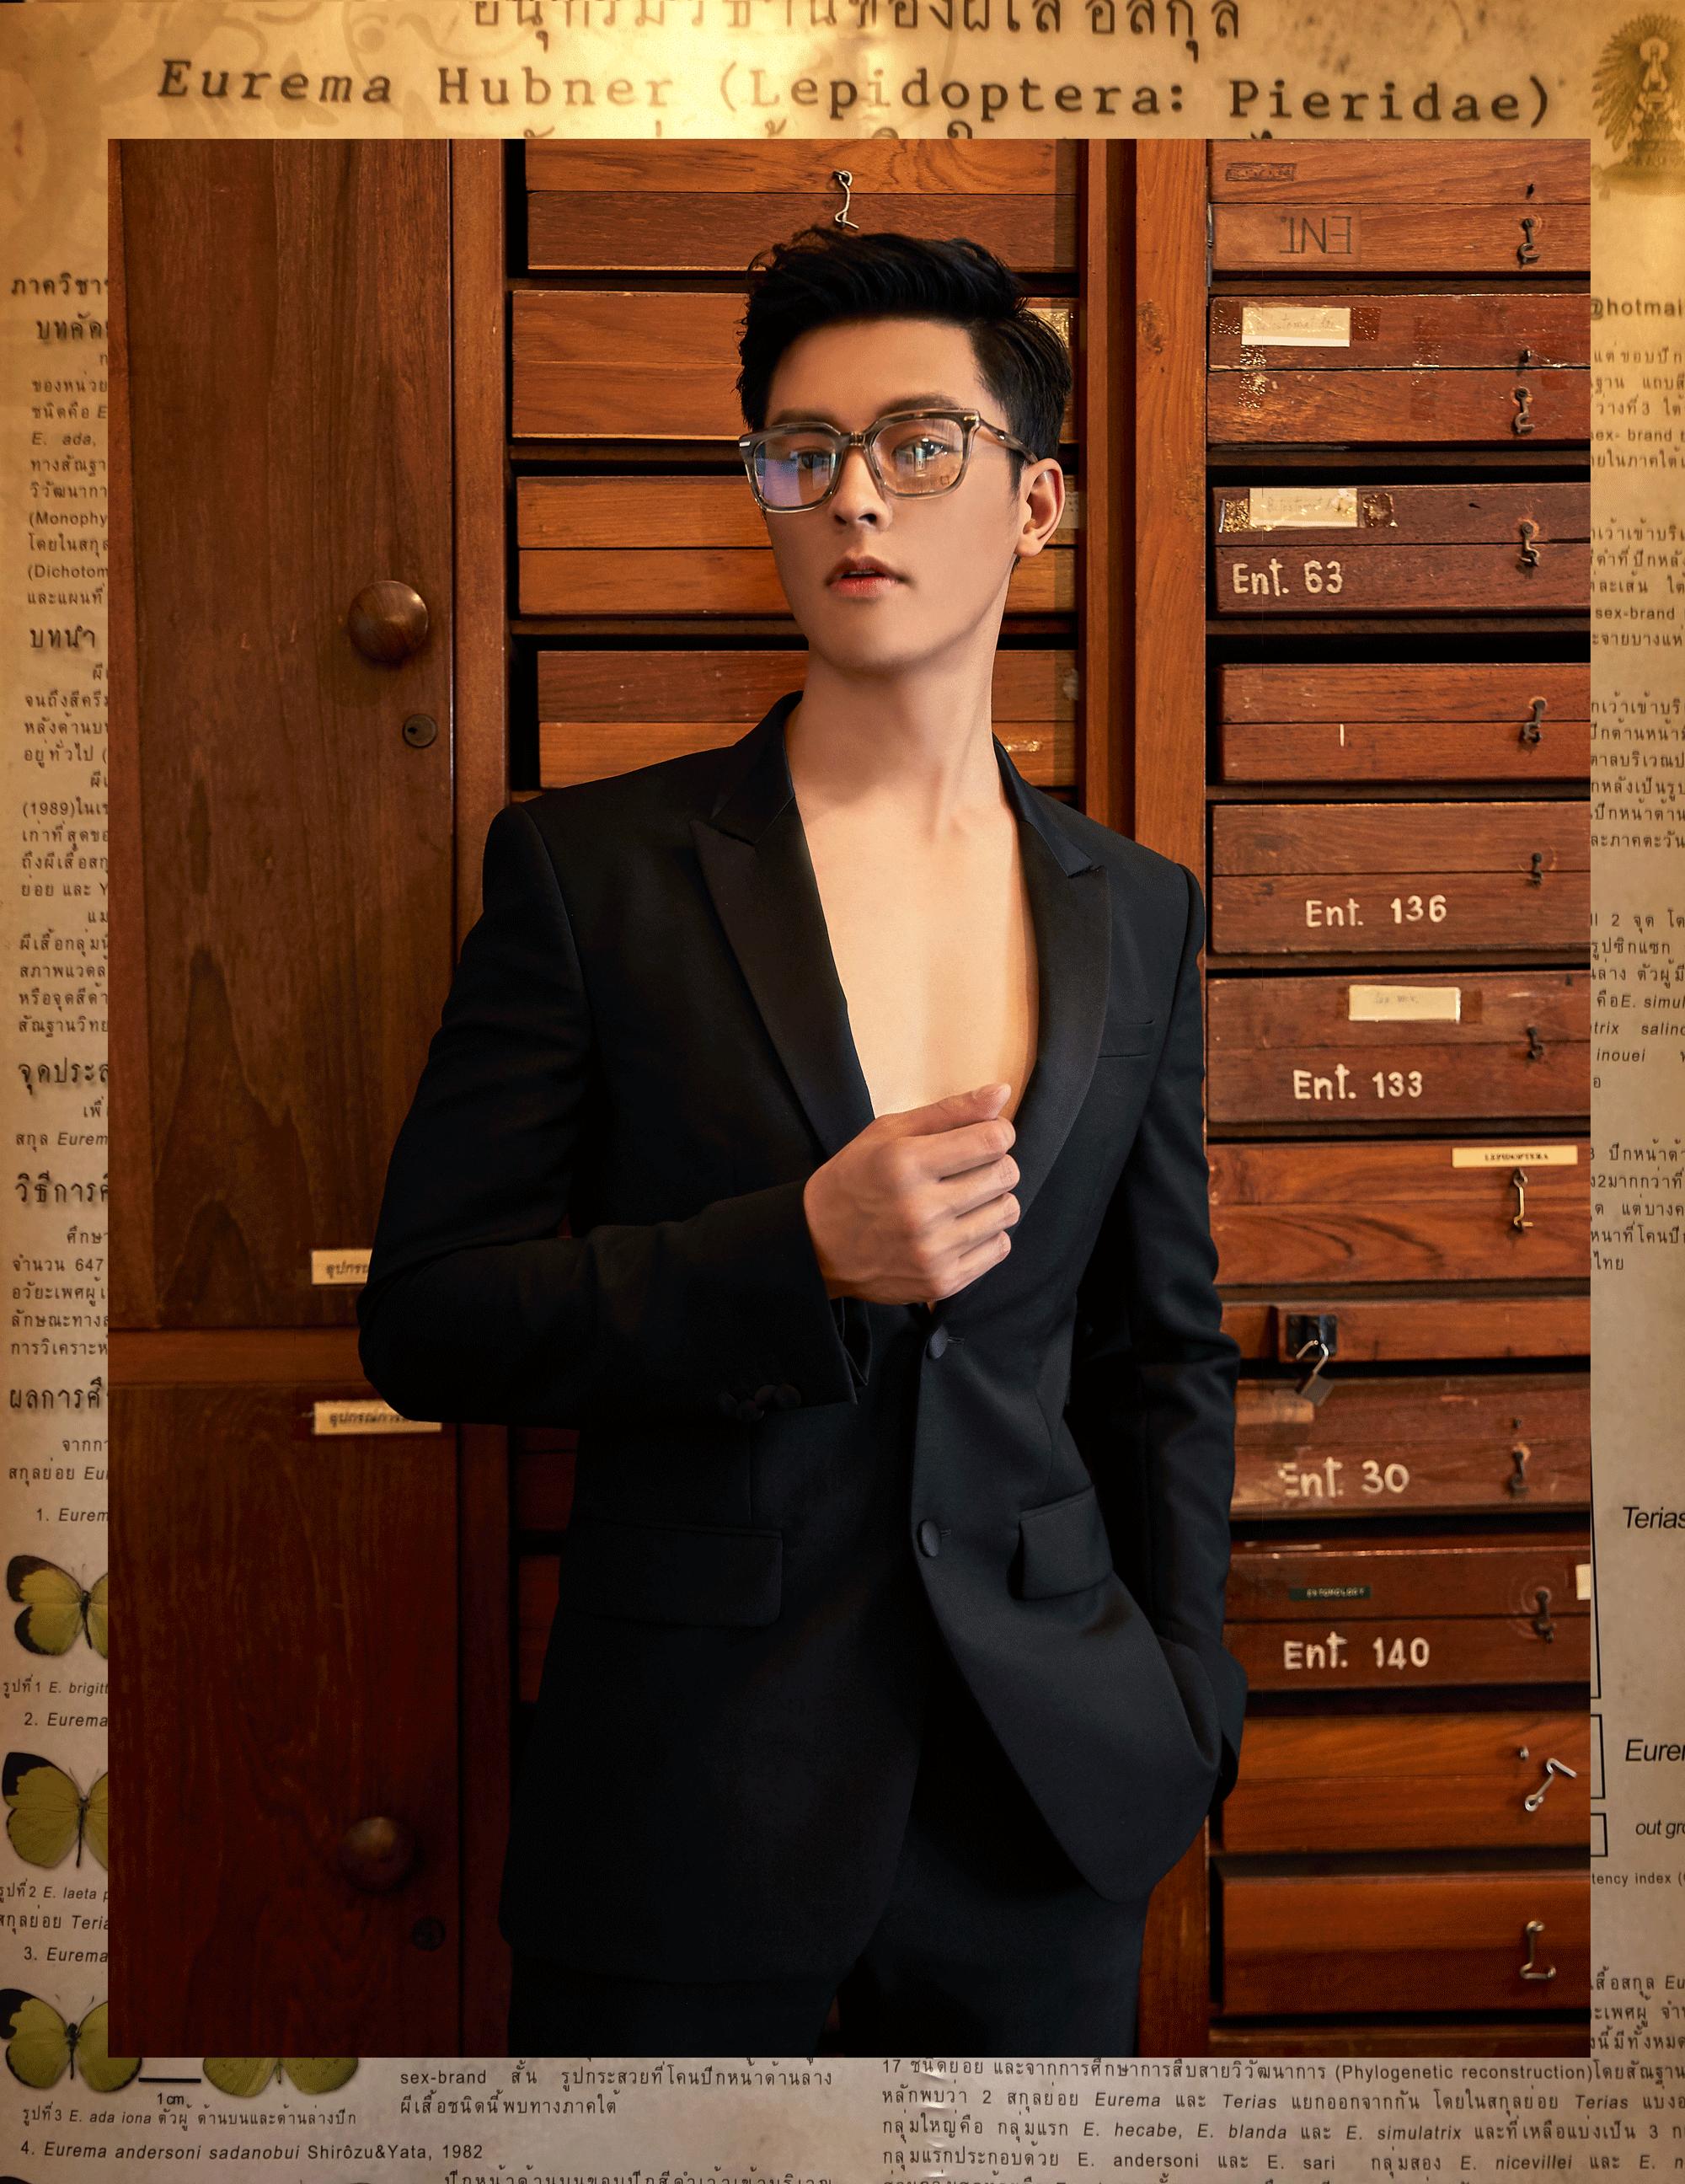 clothes : GIVENCHY / eyeglasses : Blake Kuwahara